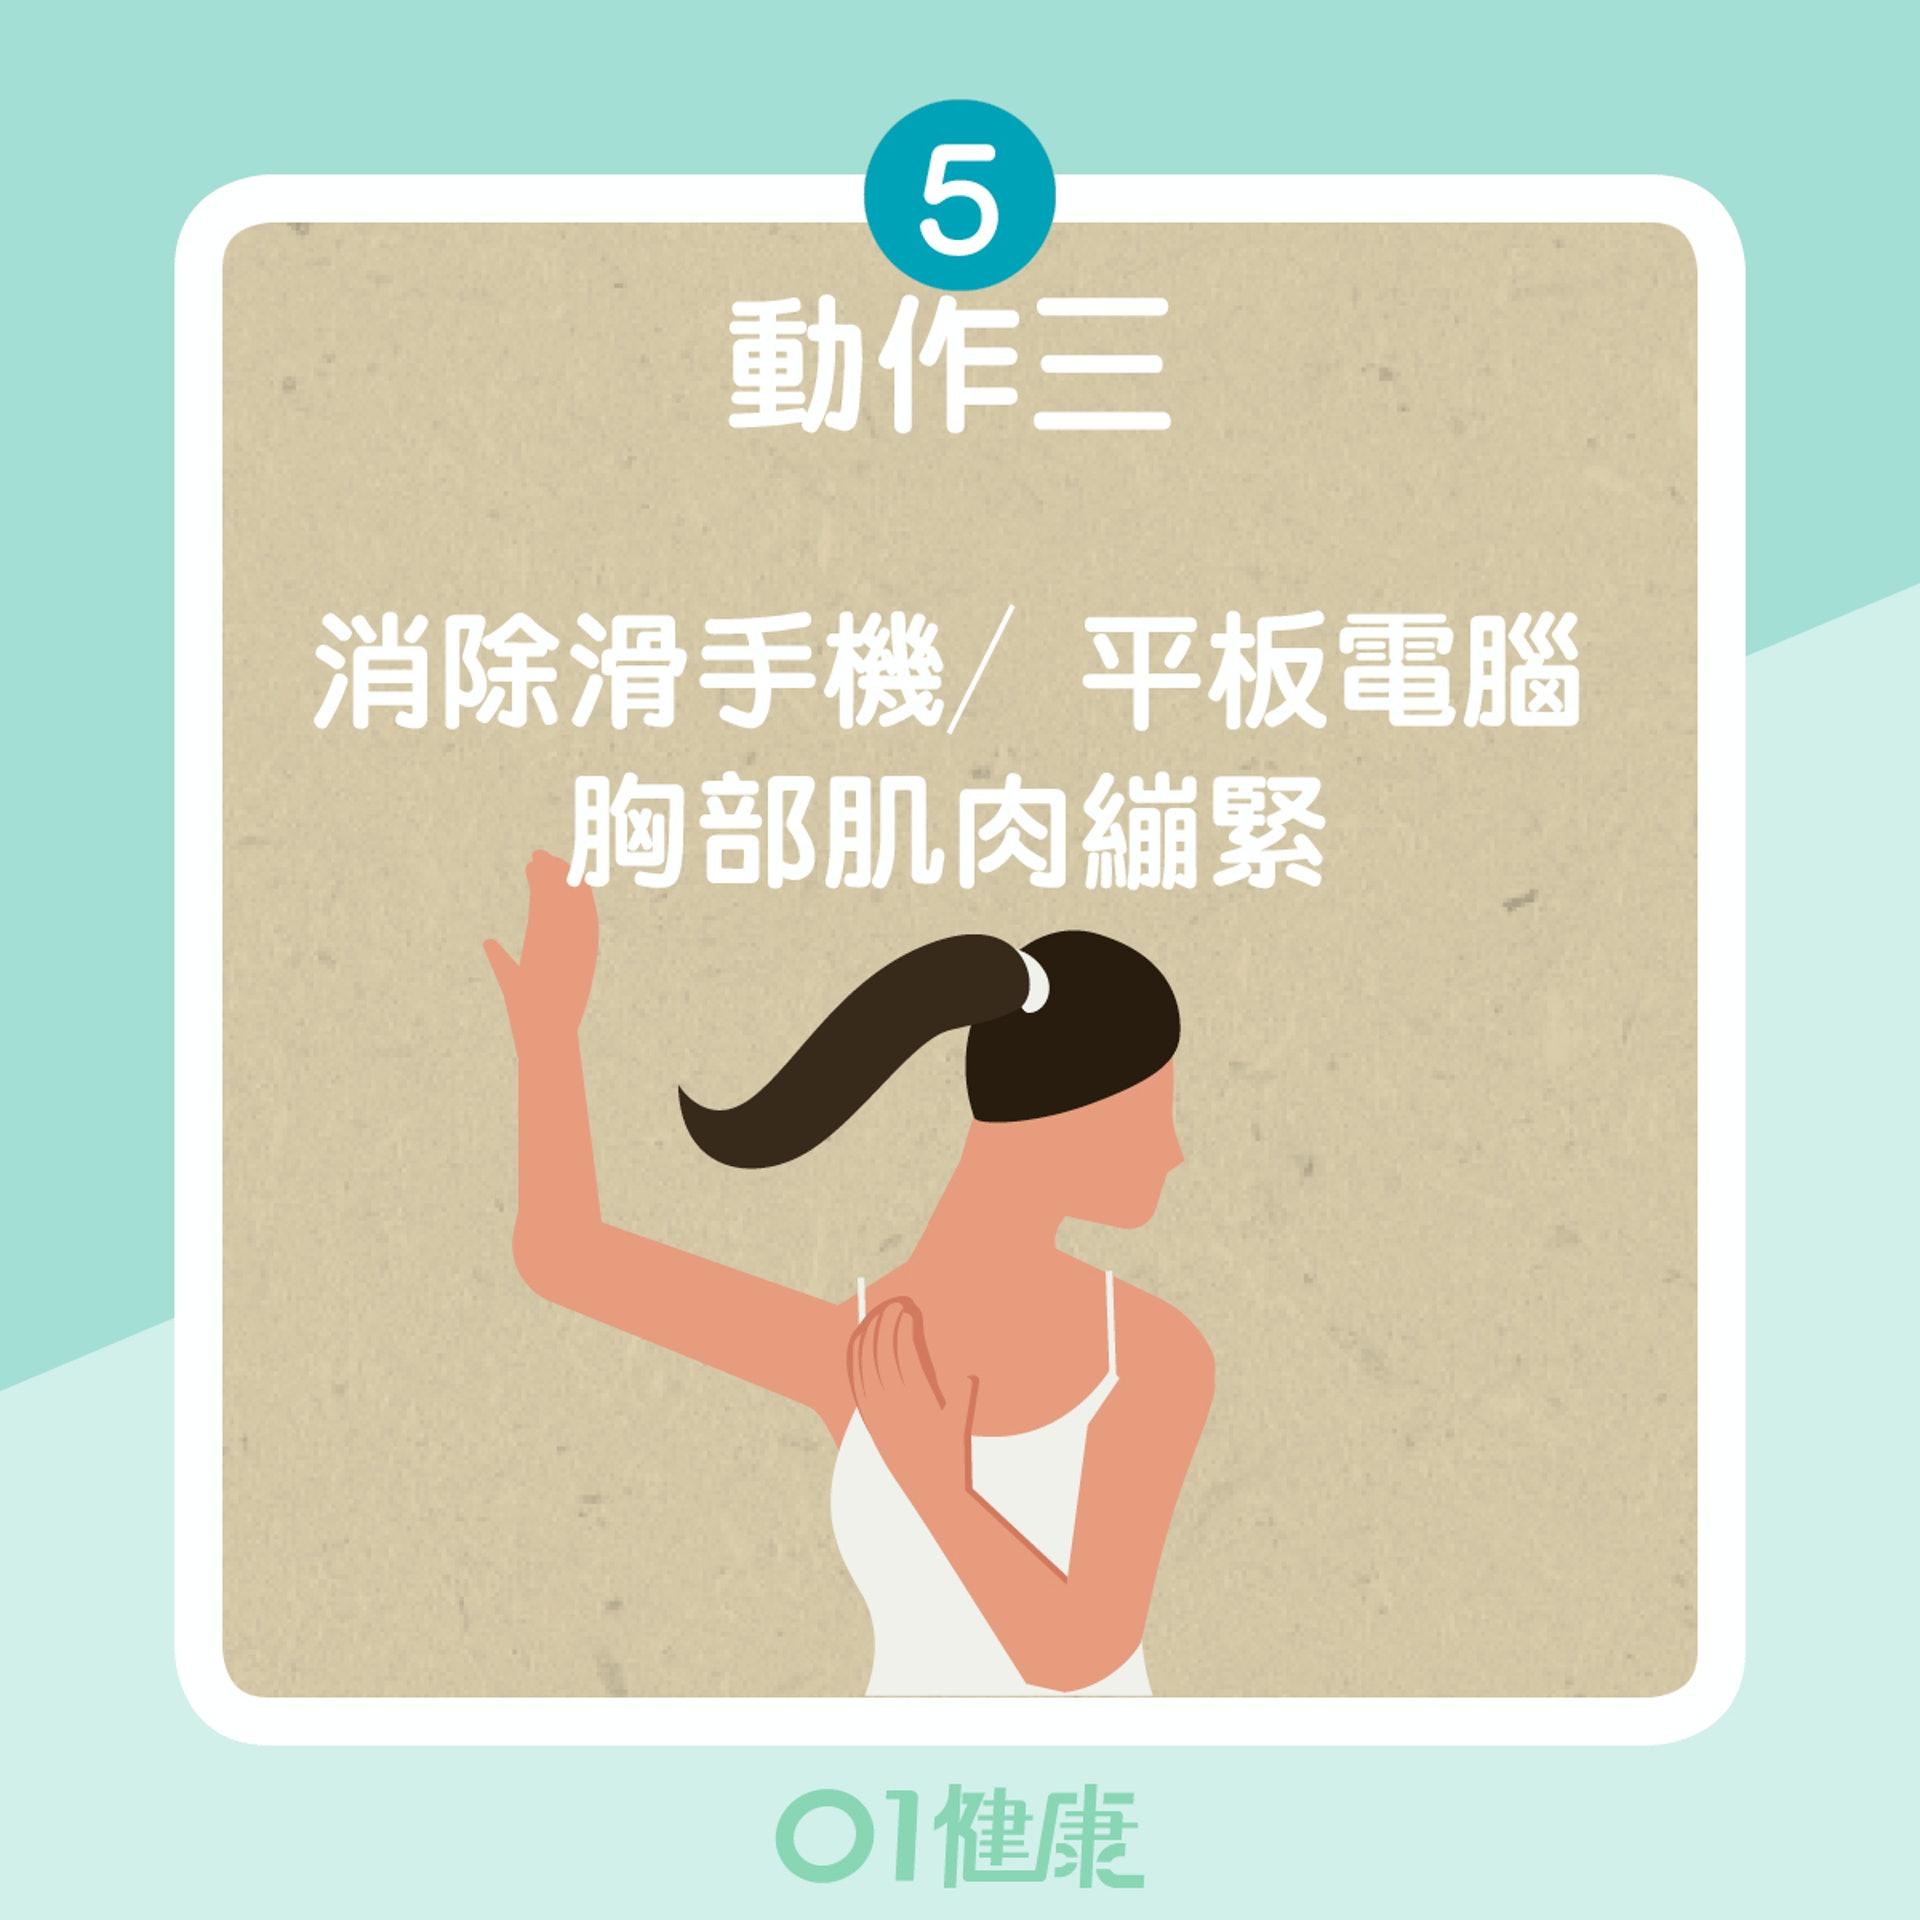 紓緩肩痛4大動作(01製圖)